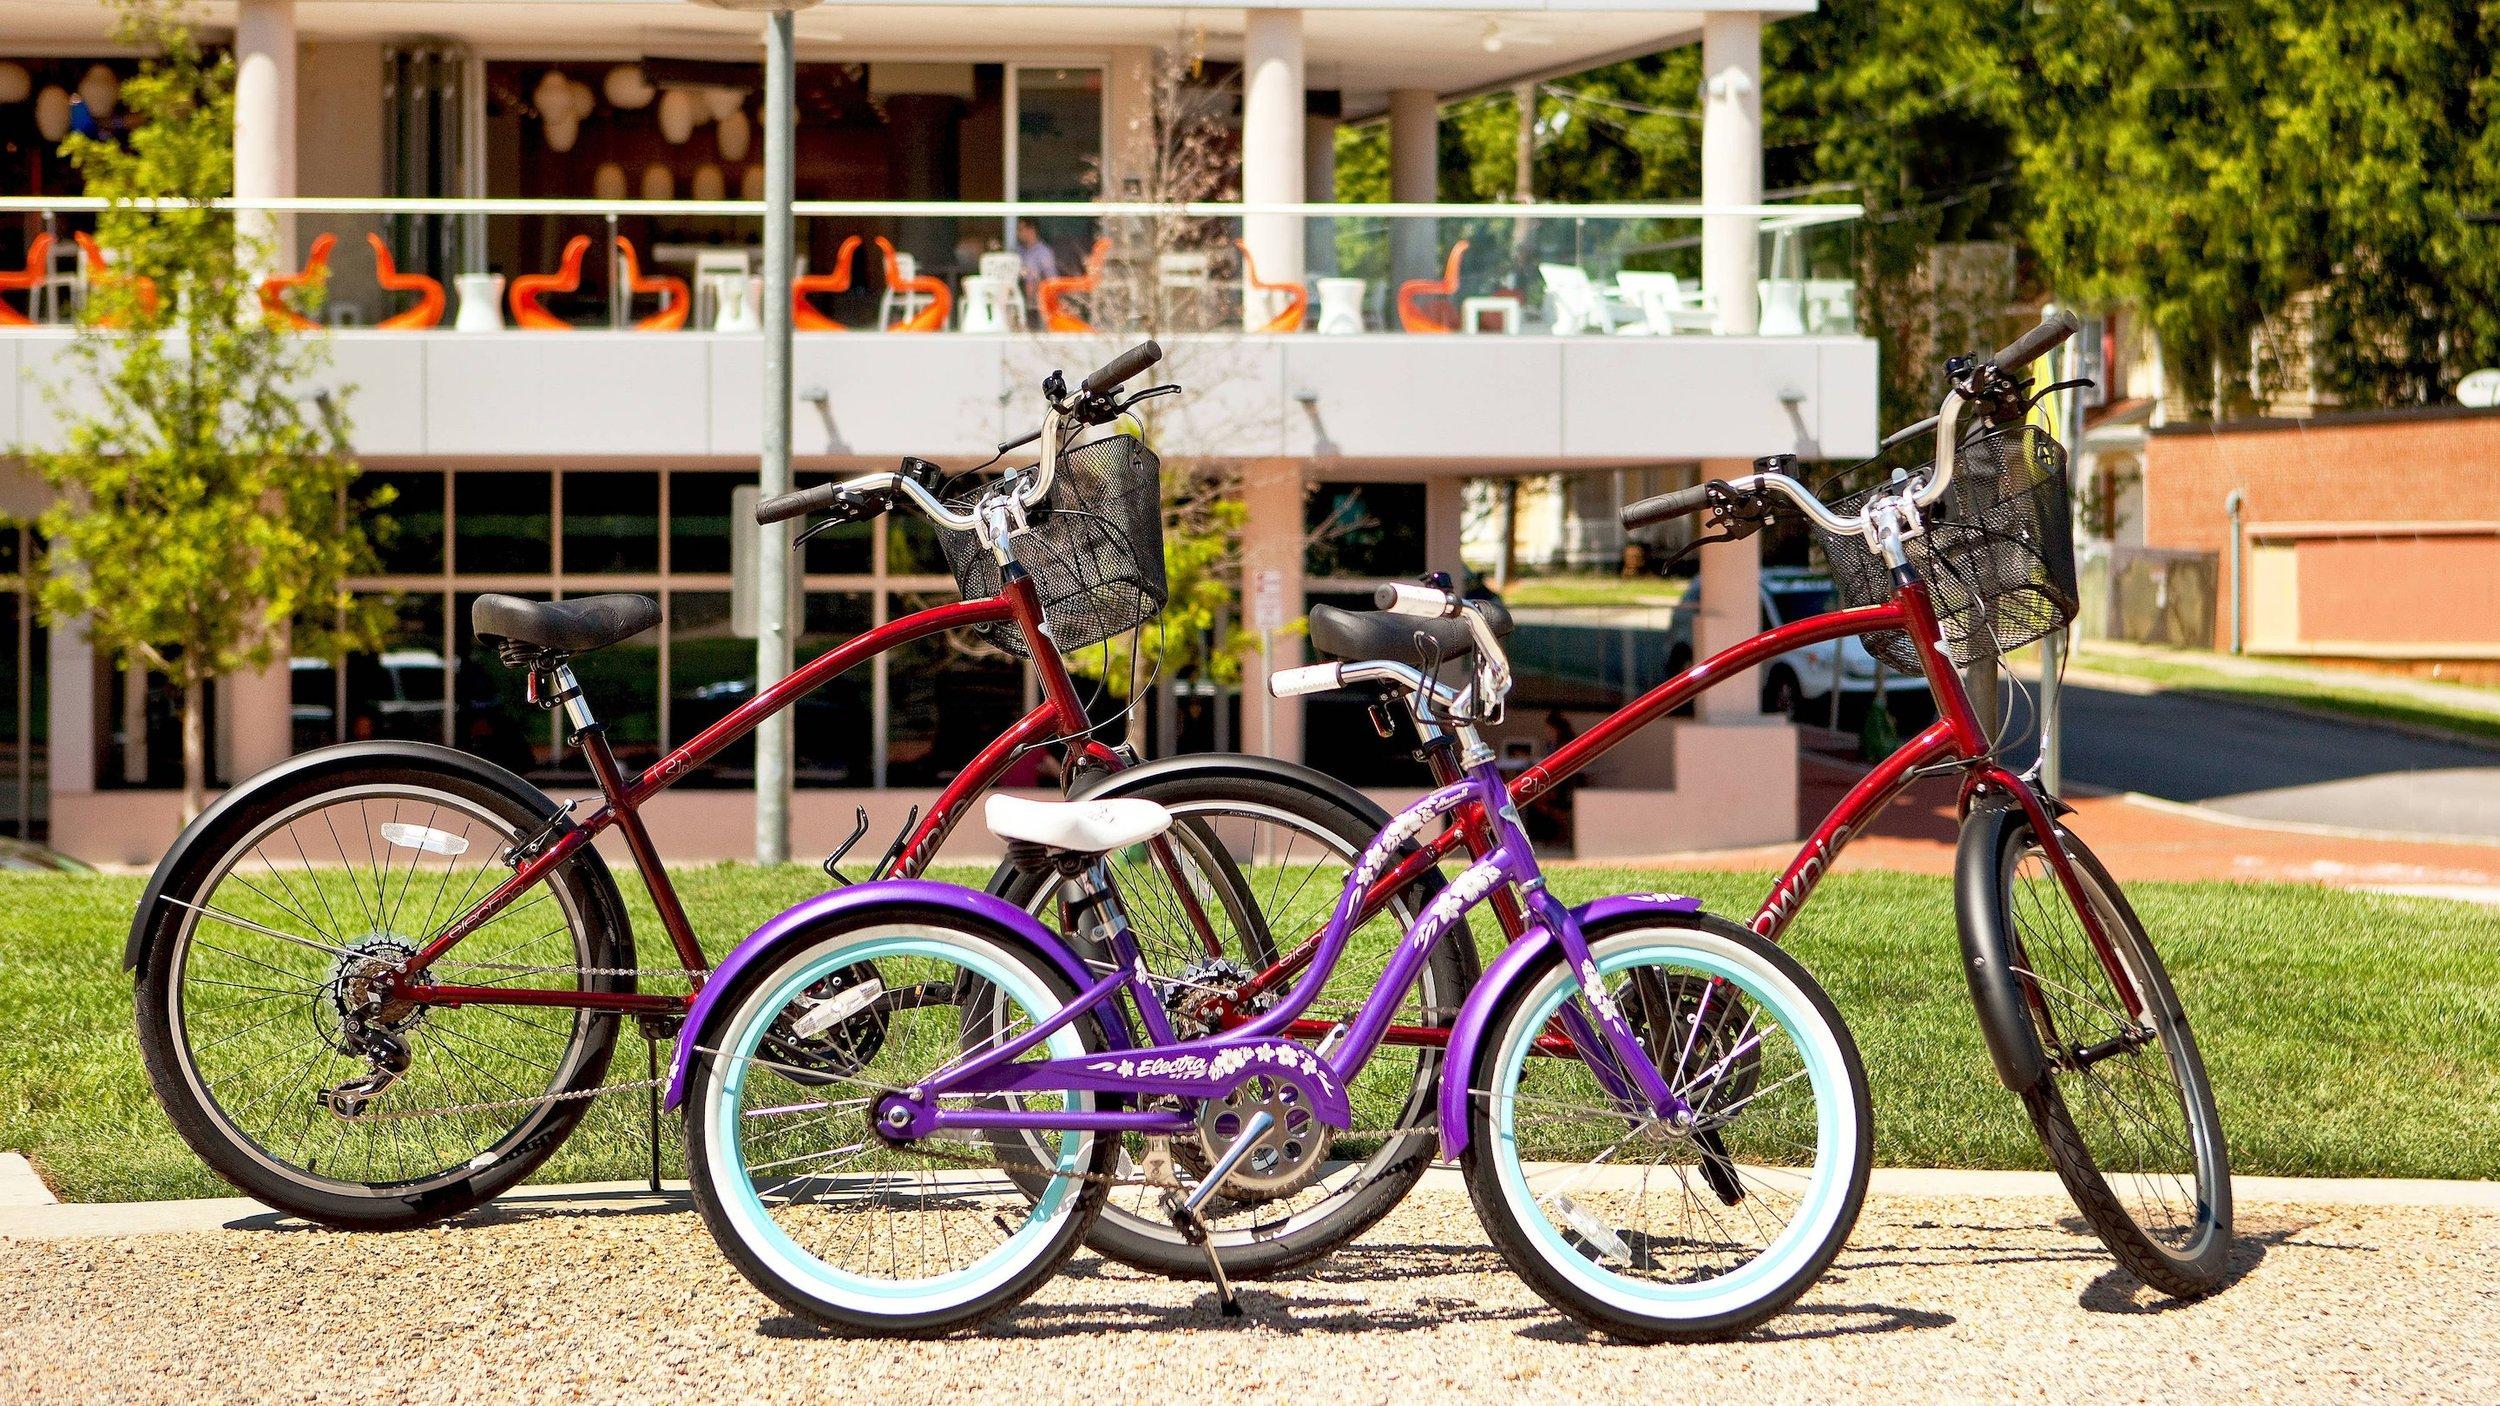 rdura-bicycles-5984-hor-wide.jpg